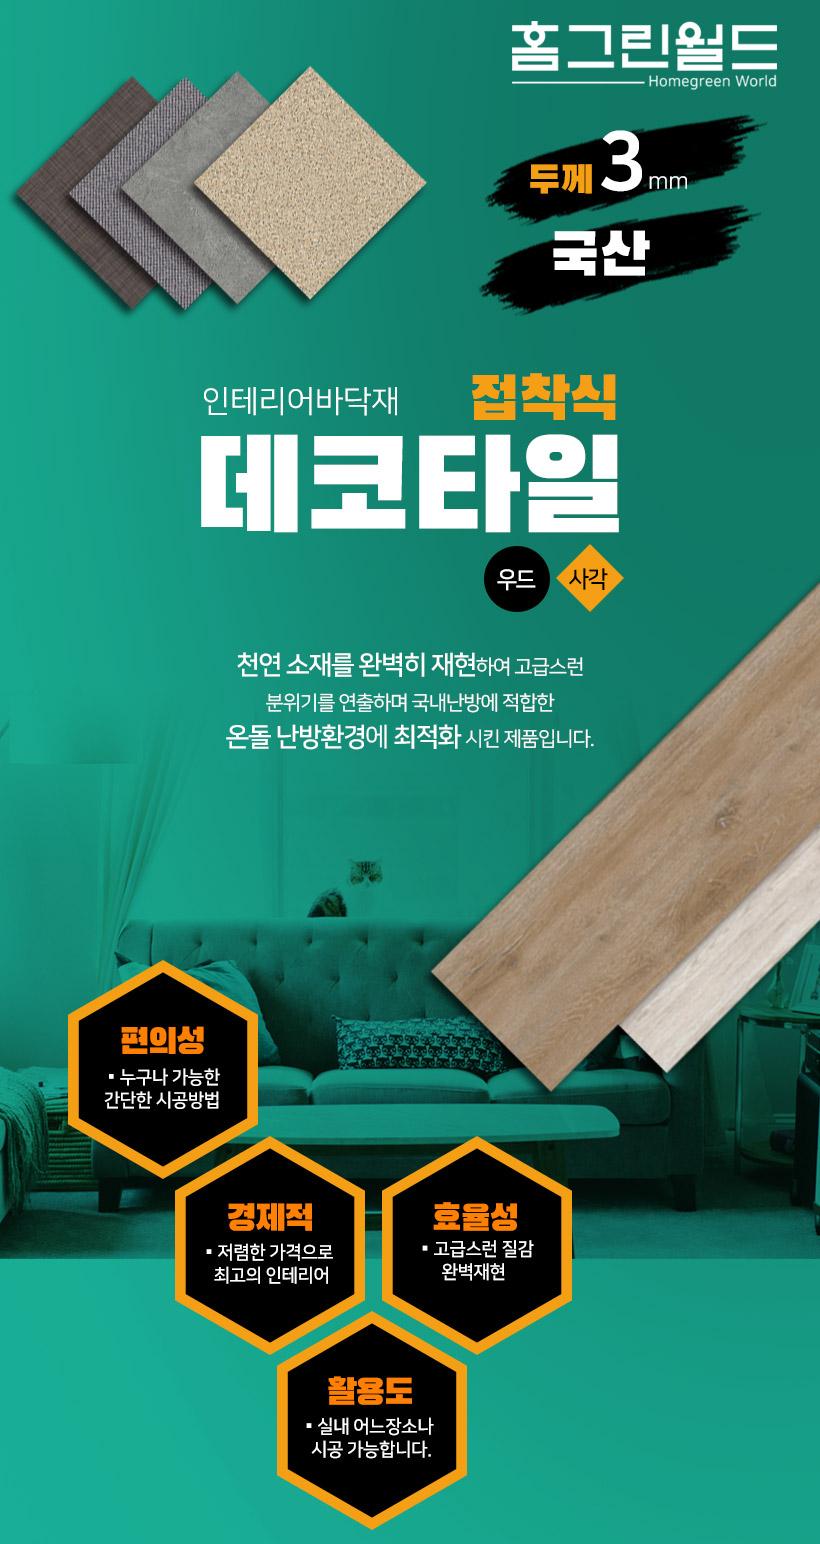 홈그린월드 국산3mm 접착식 데코타일 학원 상가 현관 - 홈그린월드, 26,900원, 타일, 우드타일